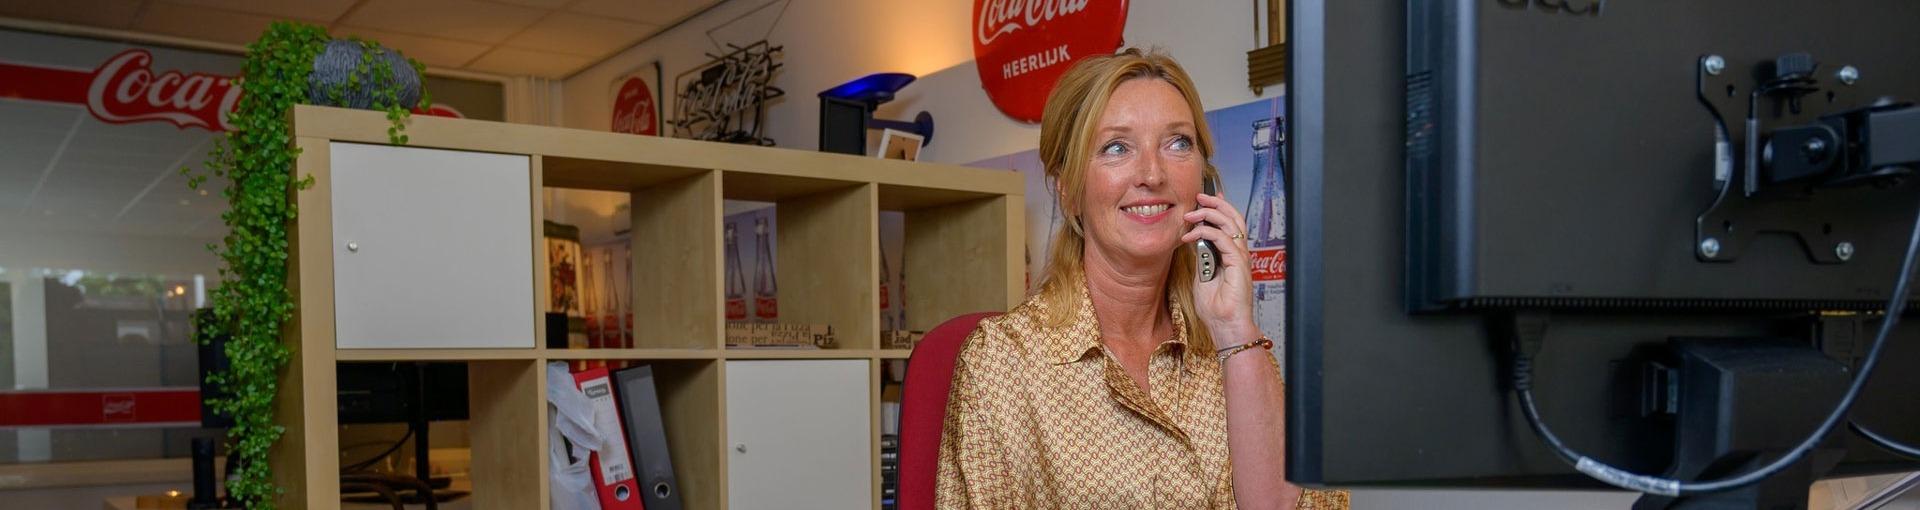 Annalies Muurling aan de telefoon met een klant